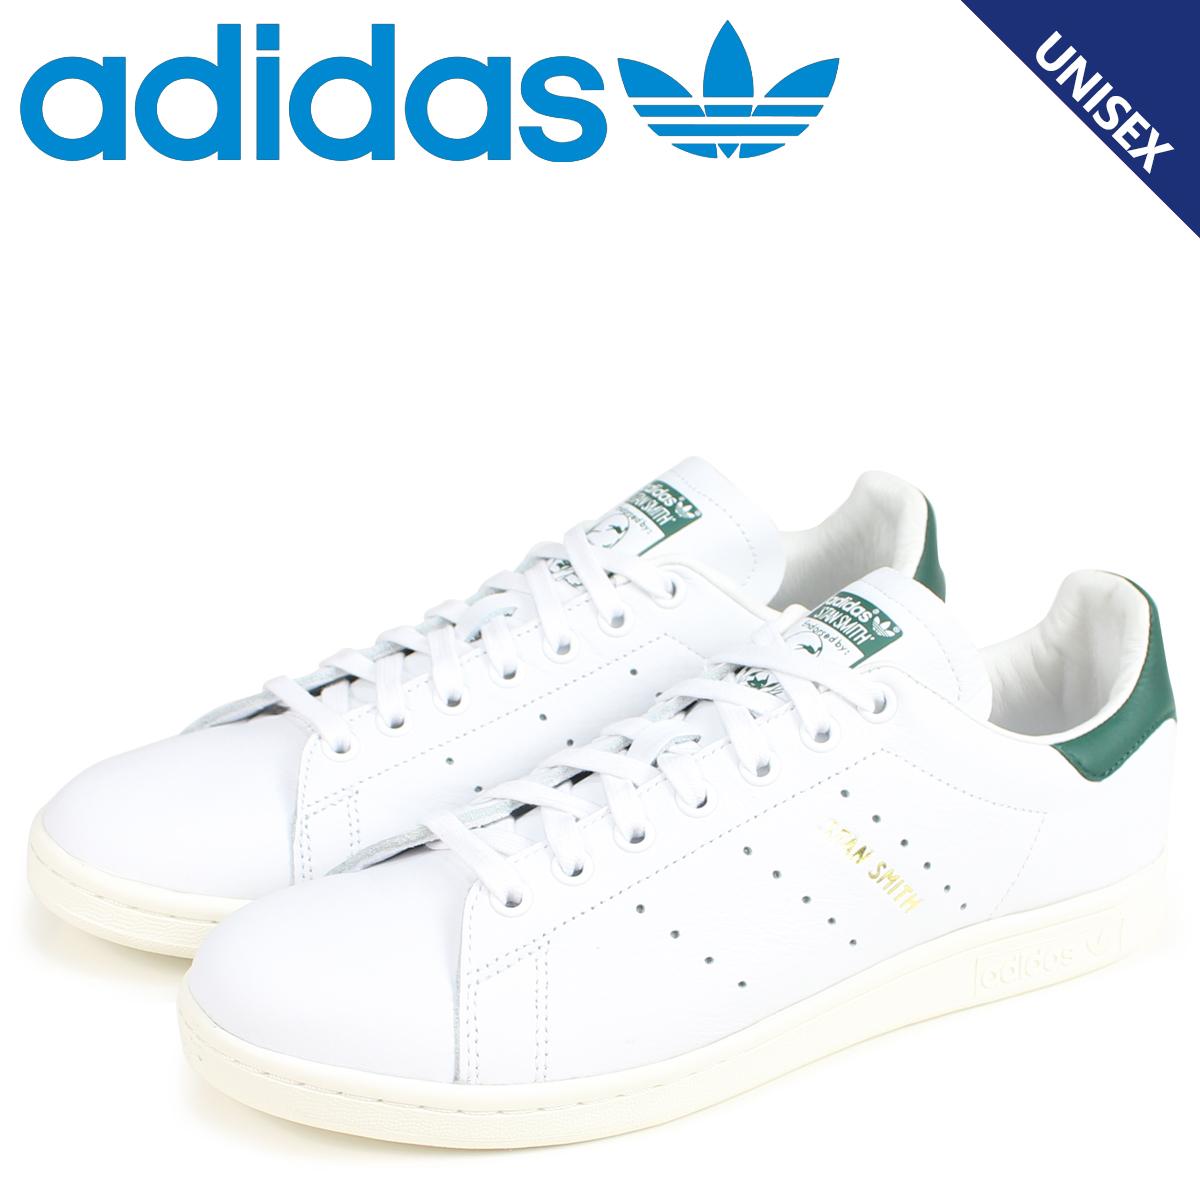 adidas Originals スタンスミス アディダス オリジナルス スニーカー STAN SMITH メンズ レディース CQ2871 ホワイト 白